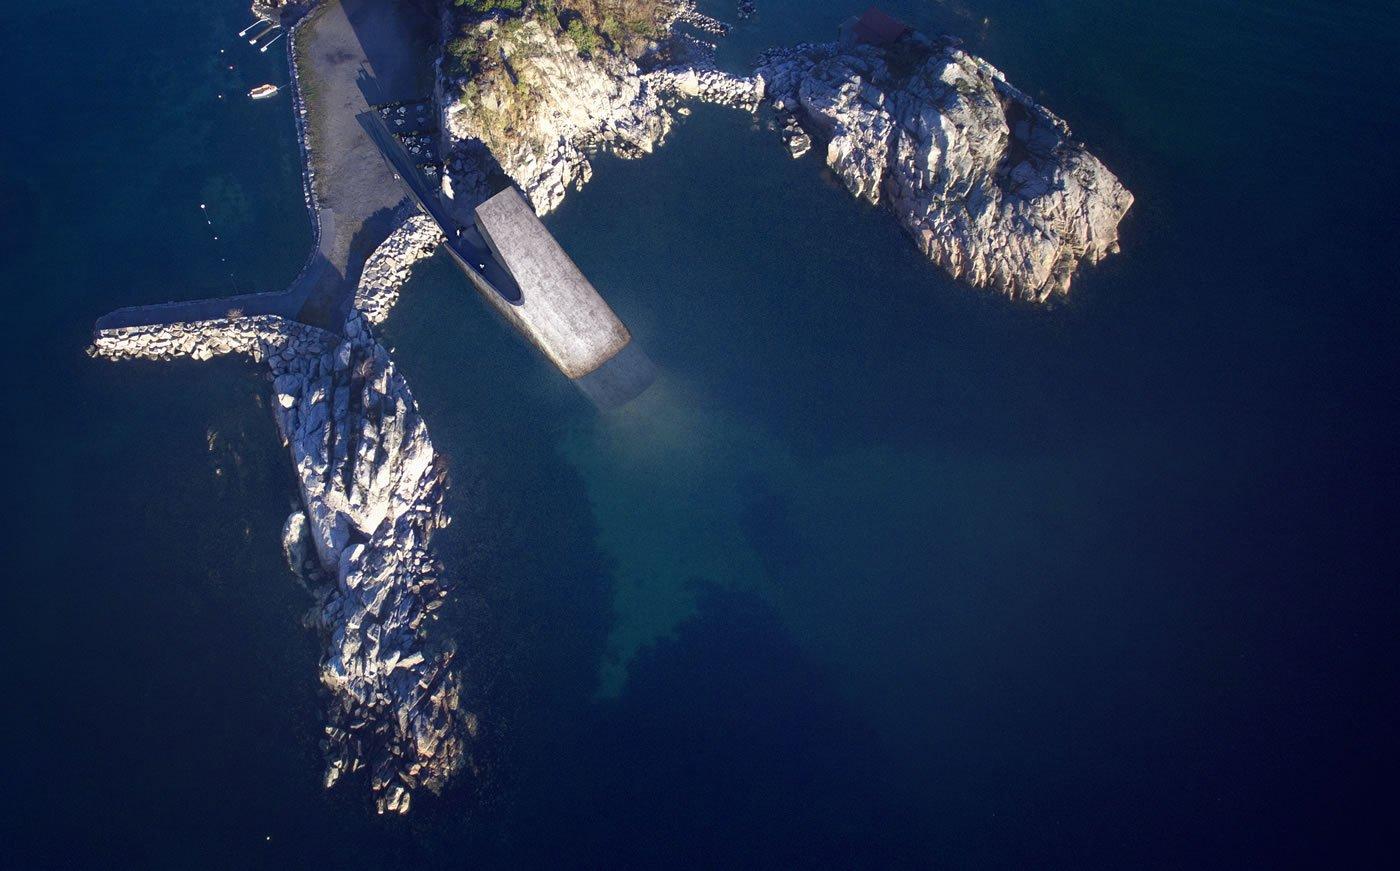 norway-underwater-restaurant-3.jpg (1400×871)